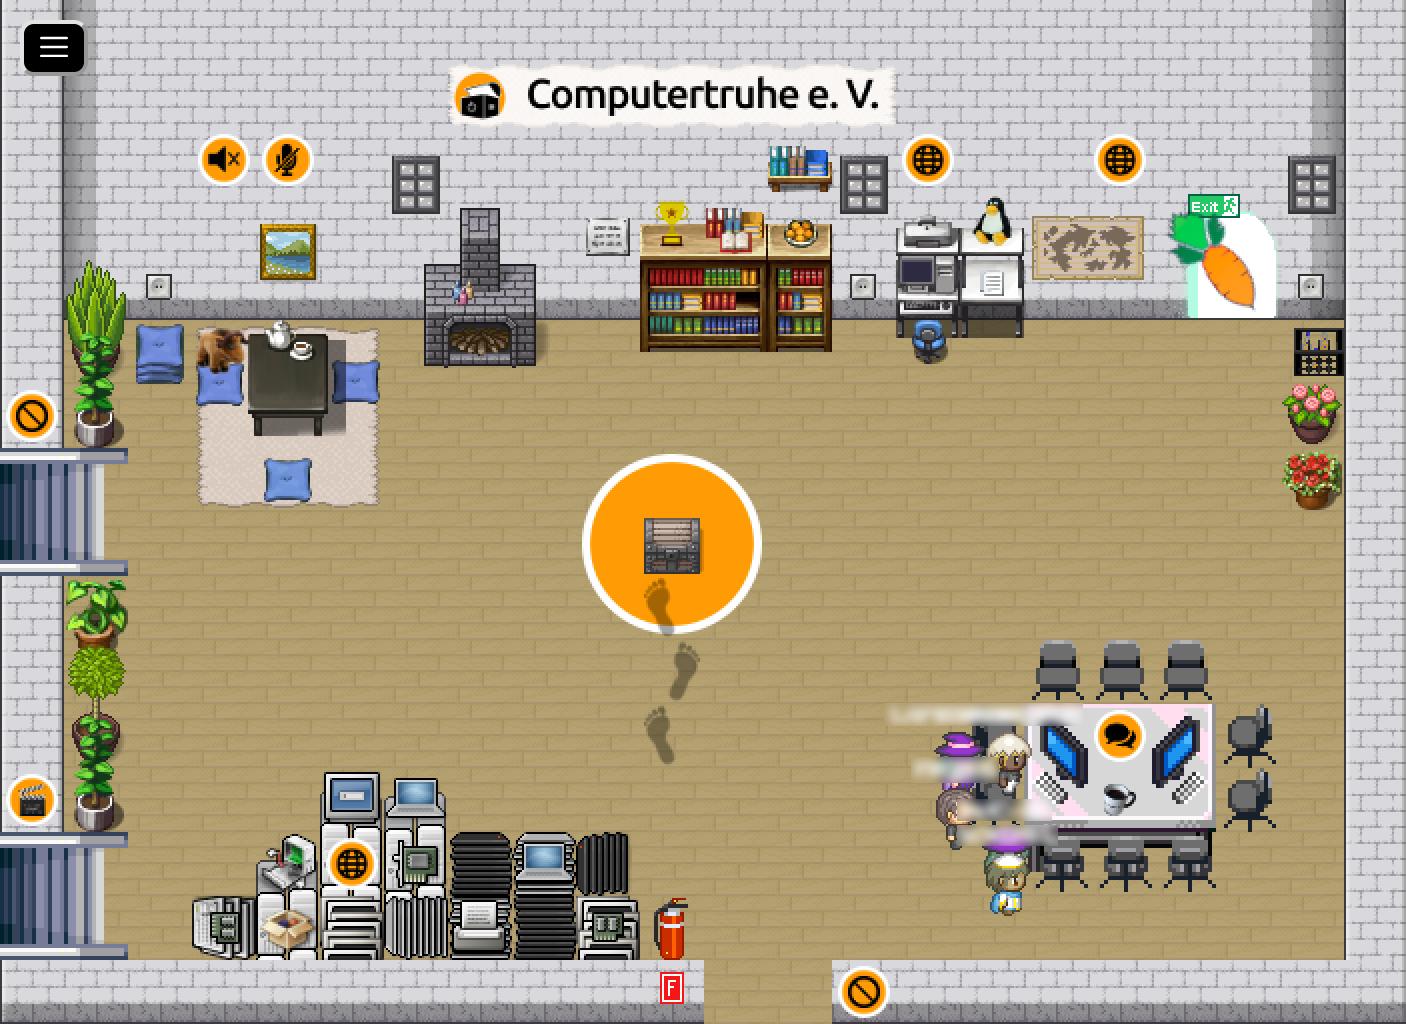 """Blick in das Wohnzimmer unserer virtuellen """"R2R""""-2D-Assembly. Darin befinden sich vier Avatare, ein Ruhebereich, ein Konferenztisch, eine Computerecke, Bücherregale und ein Haufen Hardware."""